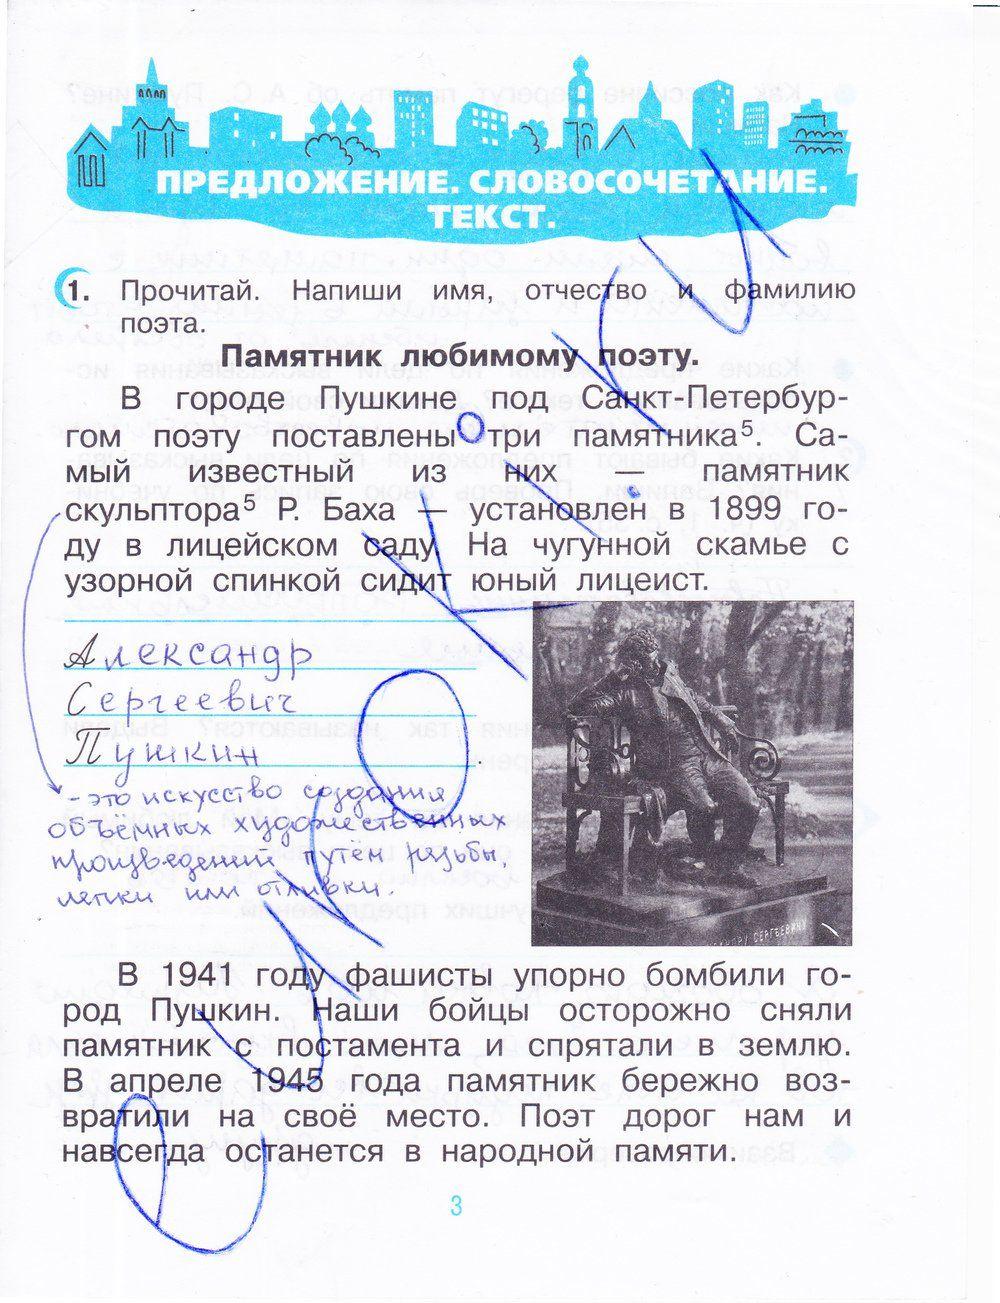 Гдз по тетради спотлайт онлайн spyshy.ru